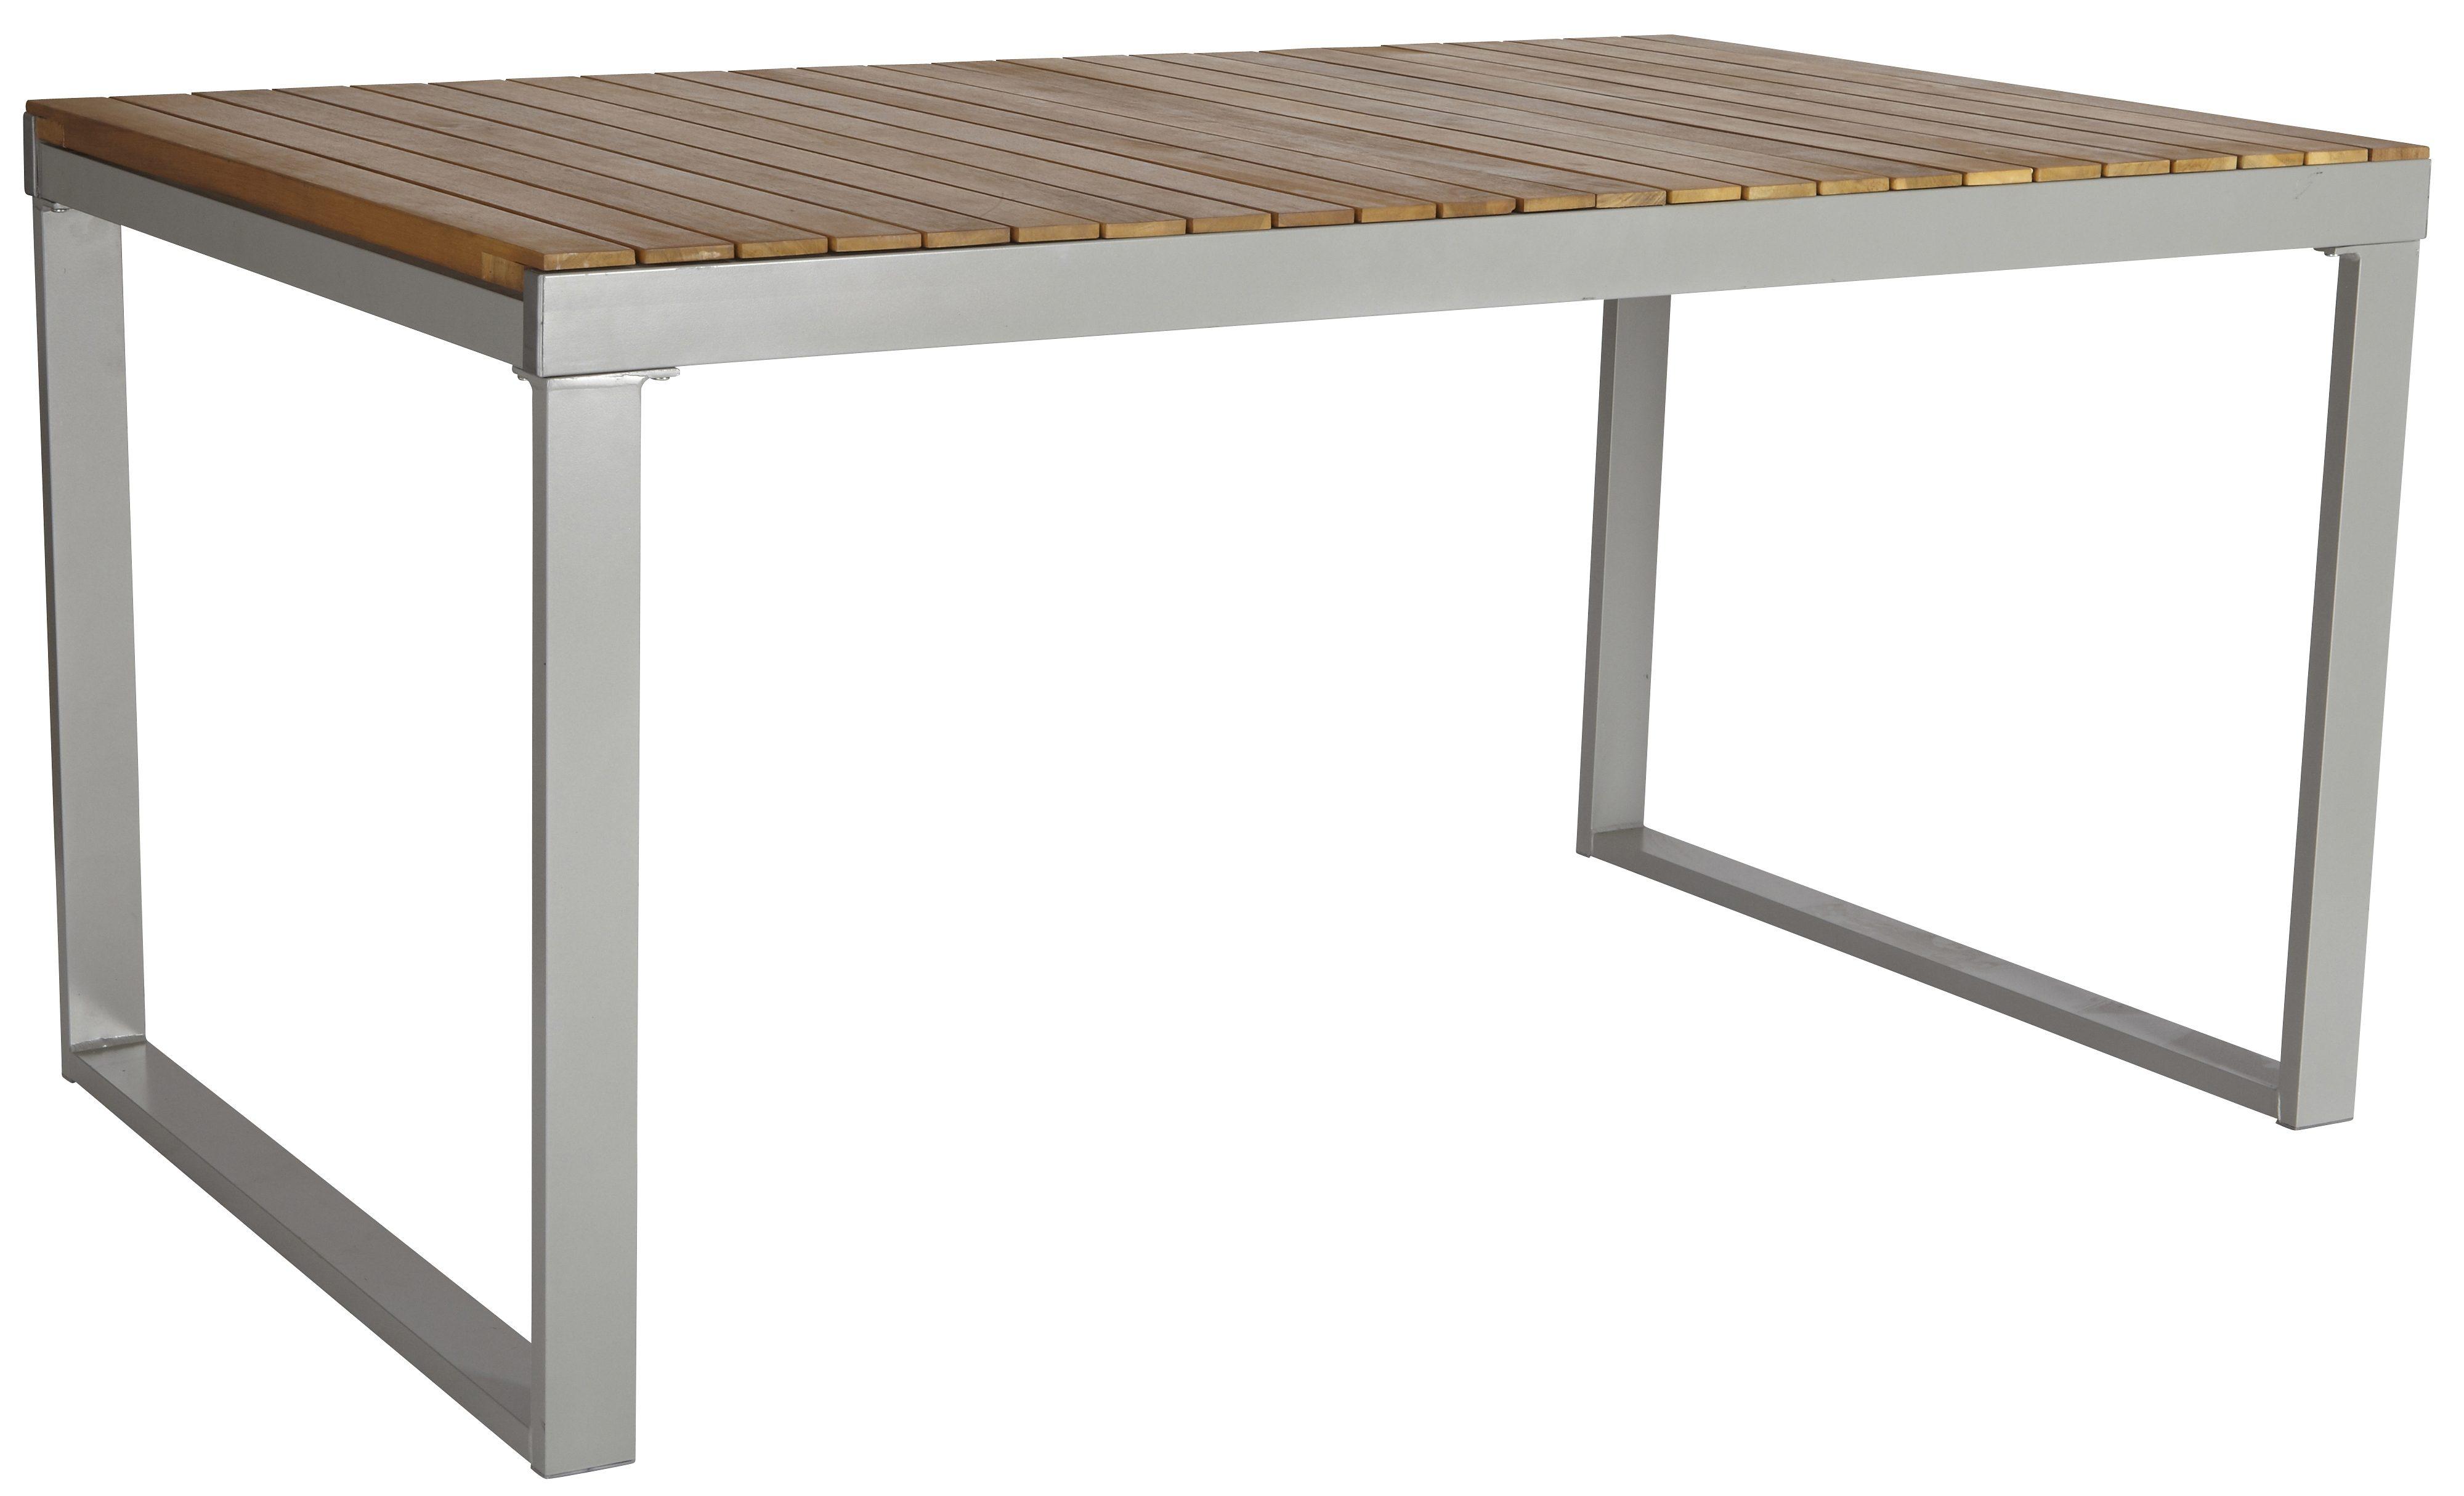 Fabulous Gartentisch online kaufen » Holz, Alu & Metall | OTTO OV89